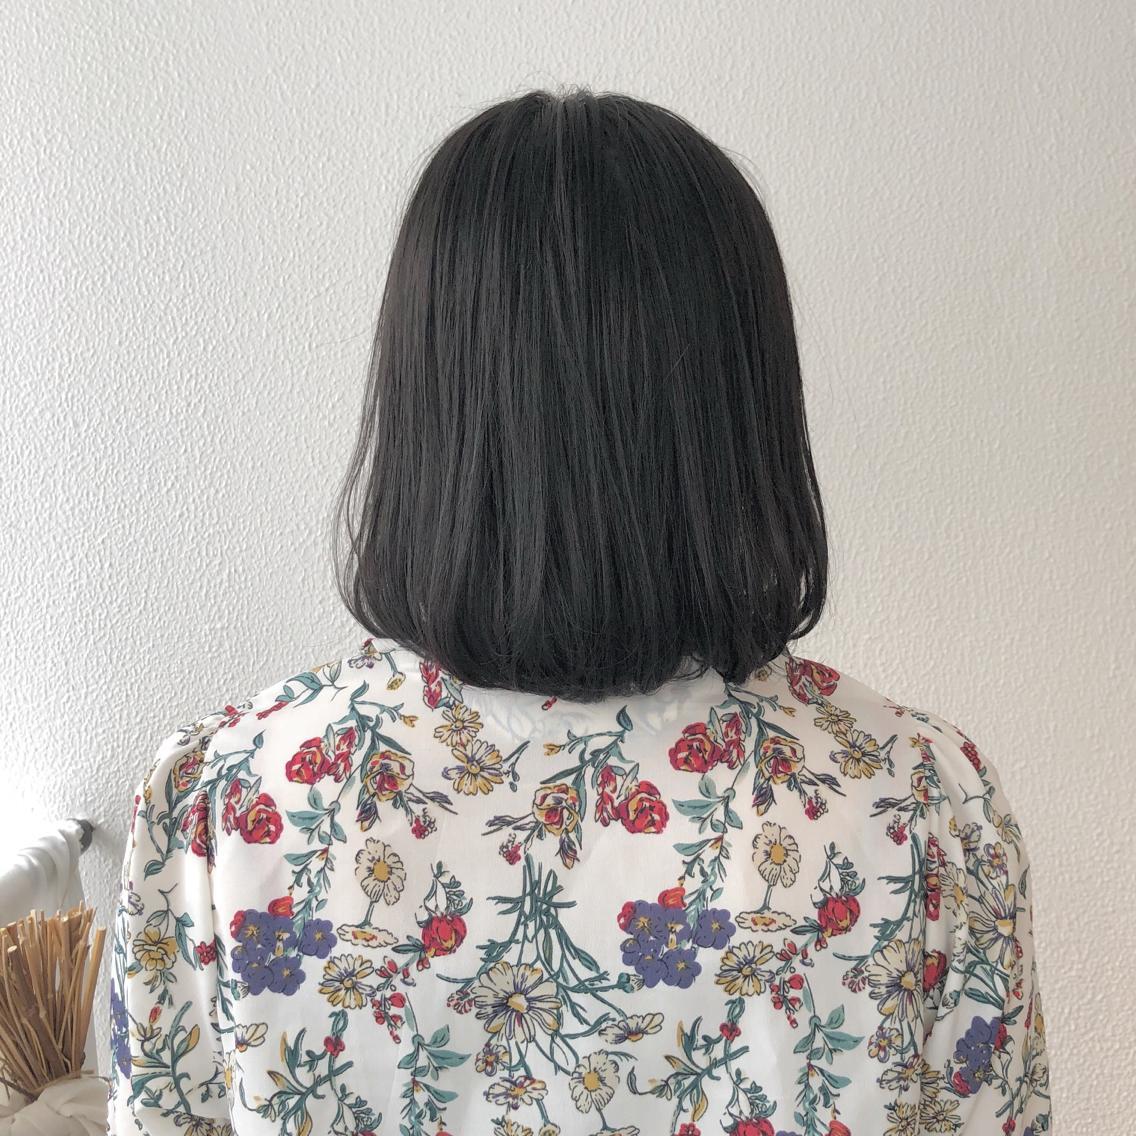 #ショート #カラー #パーマ #ヘアアレンジ 【ナチュラルボブ】  Instagramにもヘアスタイル載せてますので是非♪♪  https://instagram.com/yuuki_matsui_/